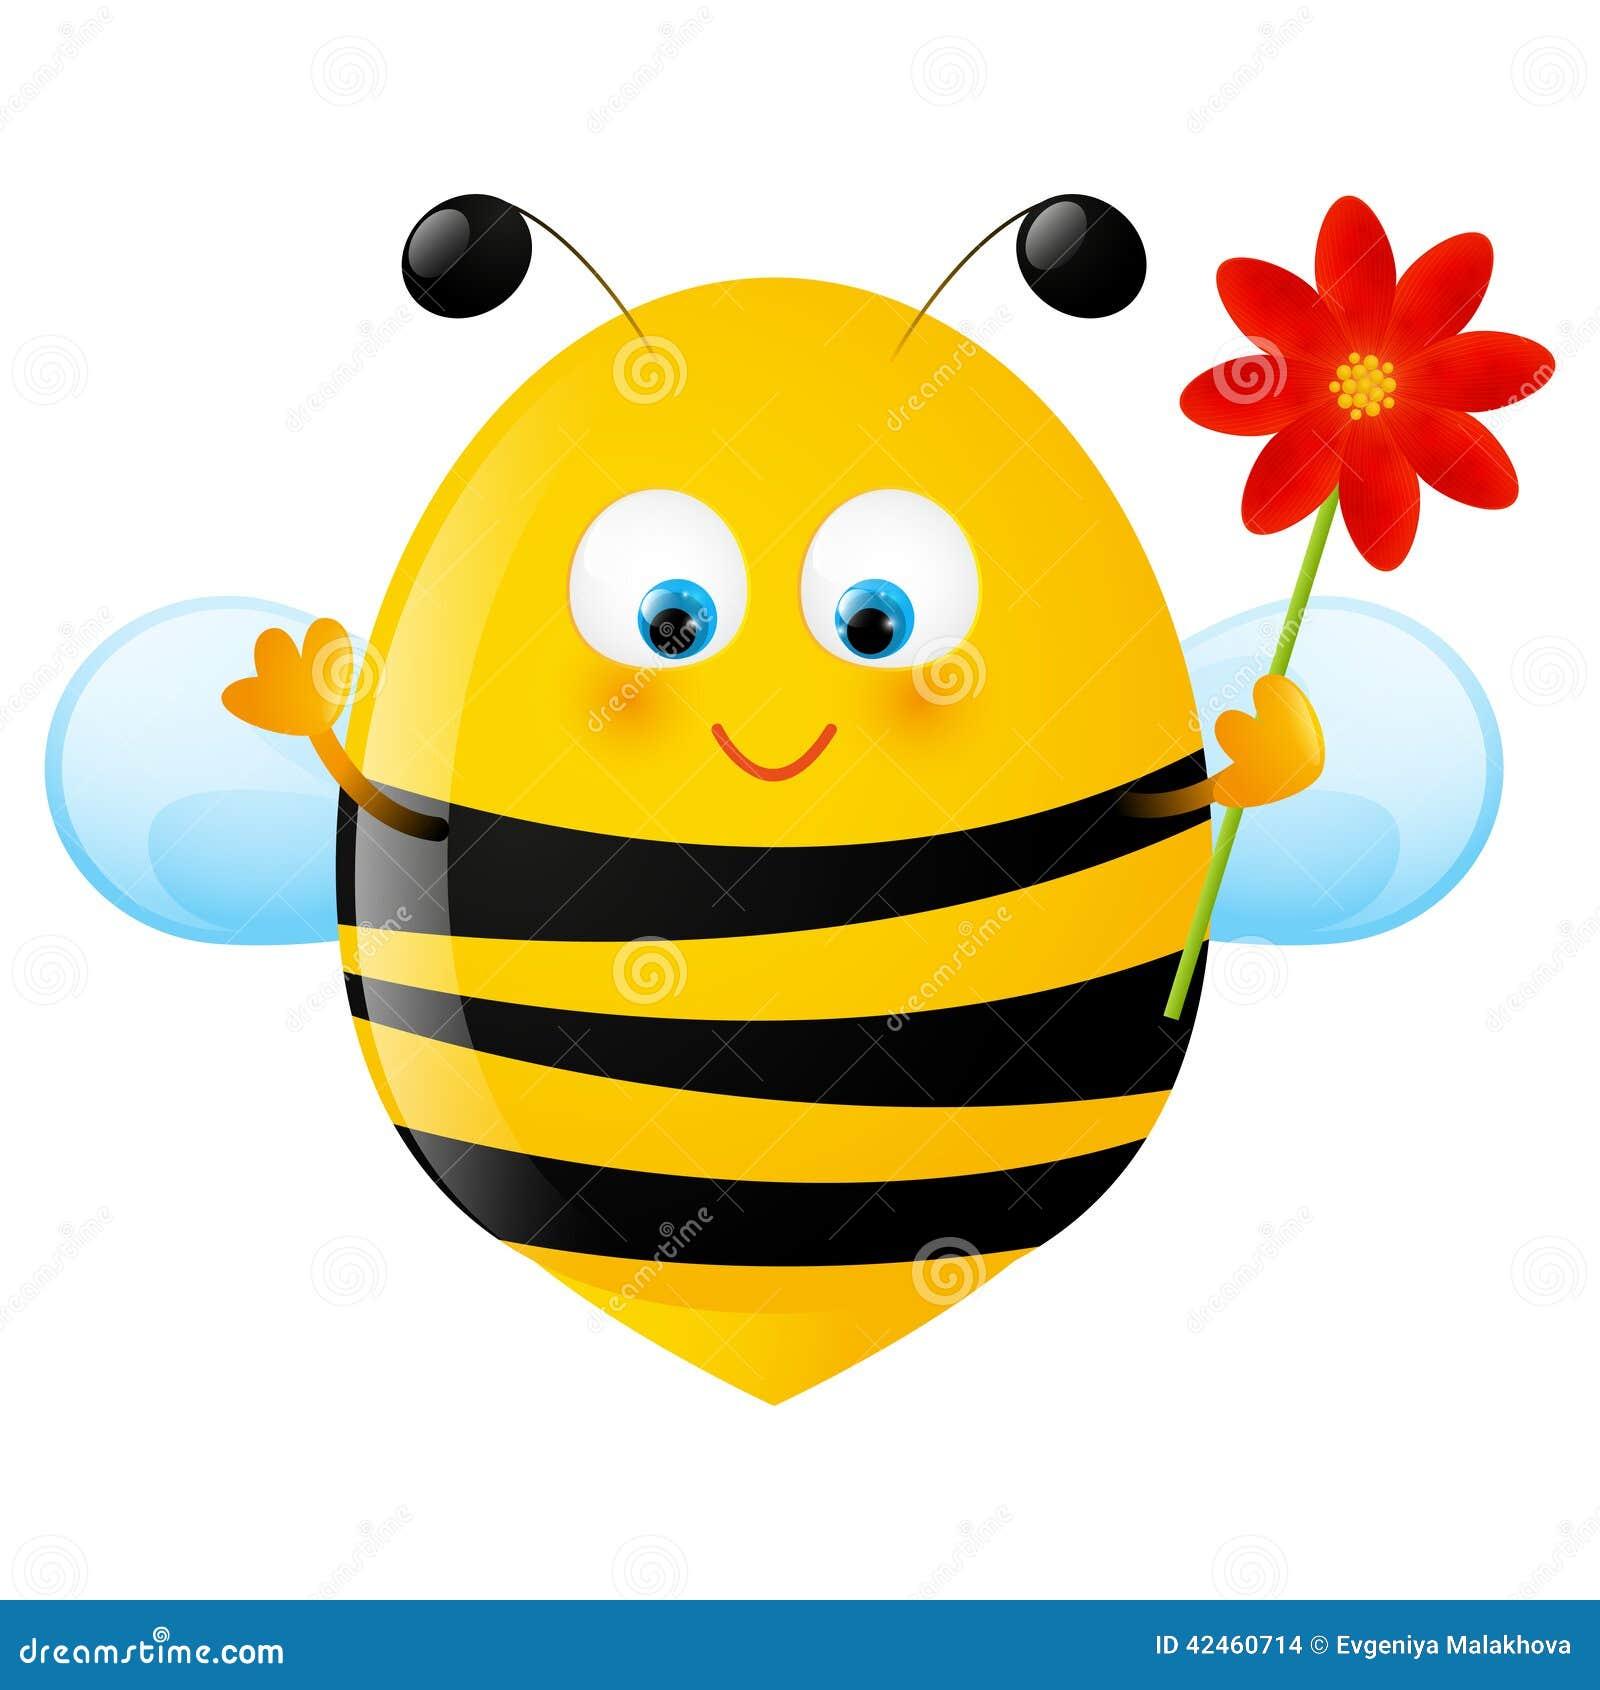 Смешная пчелка рисунок